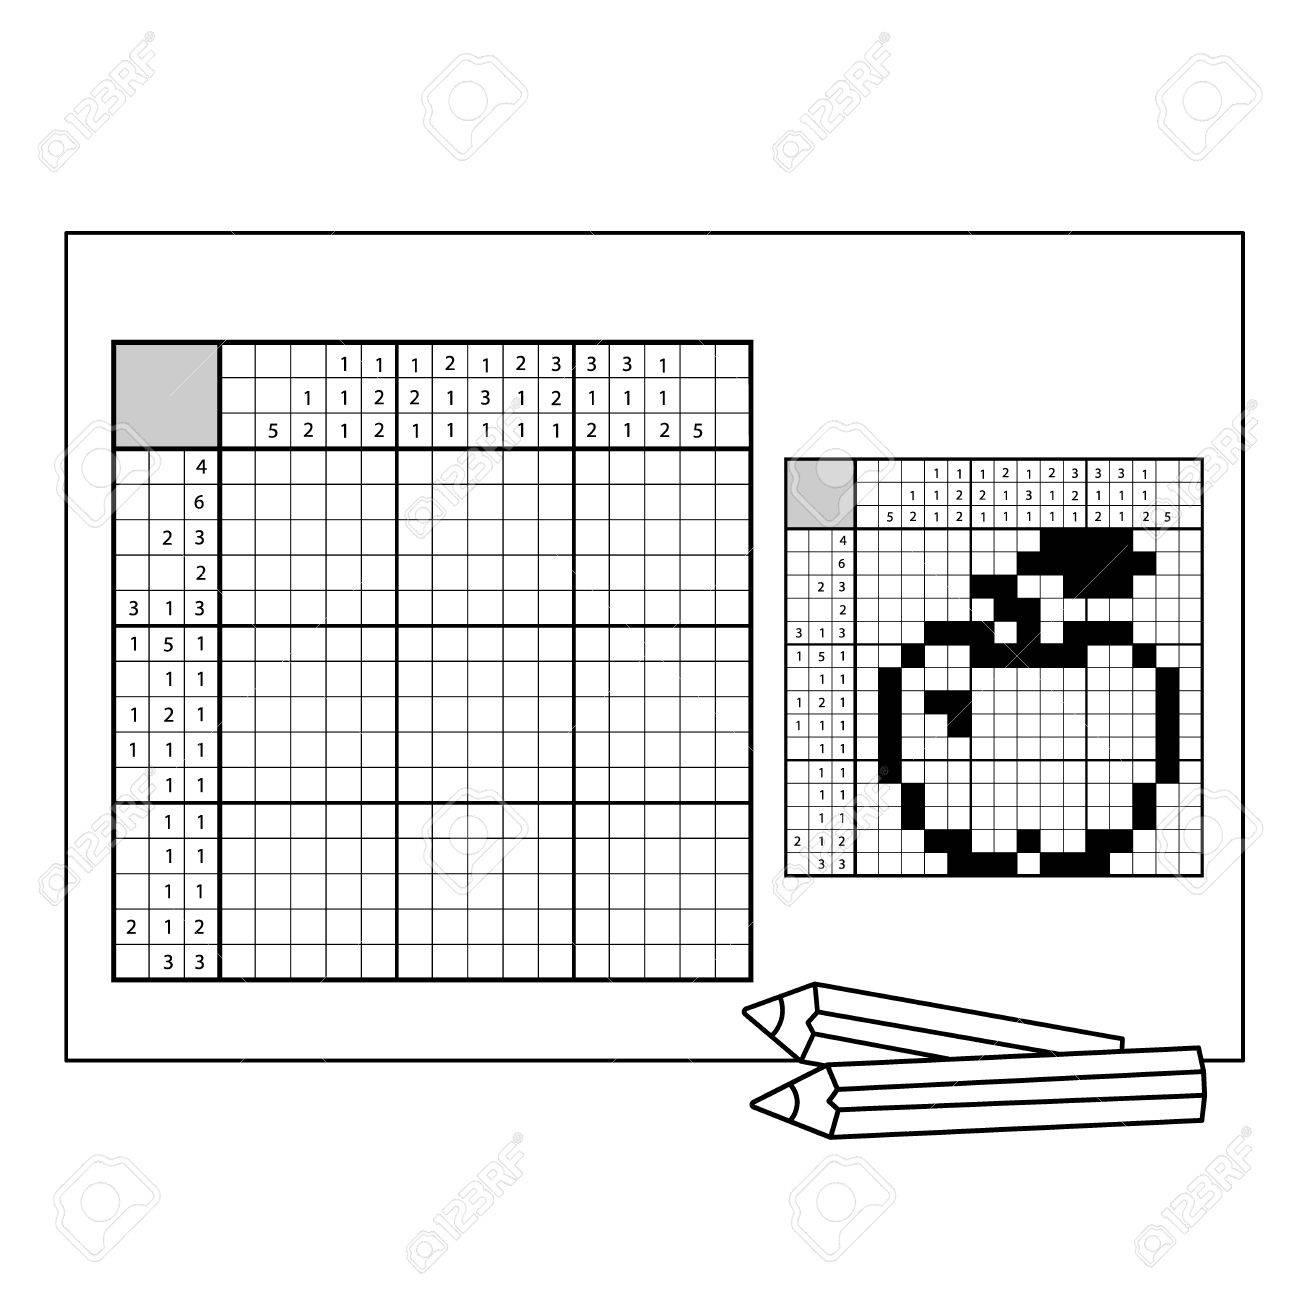 Pomme. Mots Croisés Japonais En Noir Et Blanc Avec La Réponse. Mots Croisés  Graphique. Jeu De Puzzle Pour Tout Âge. à Réponse Mots Fléchés